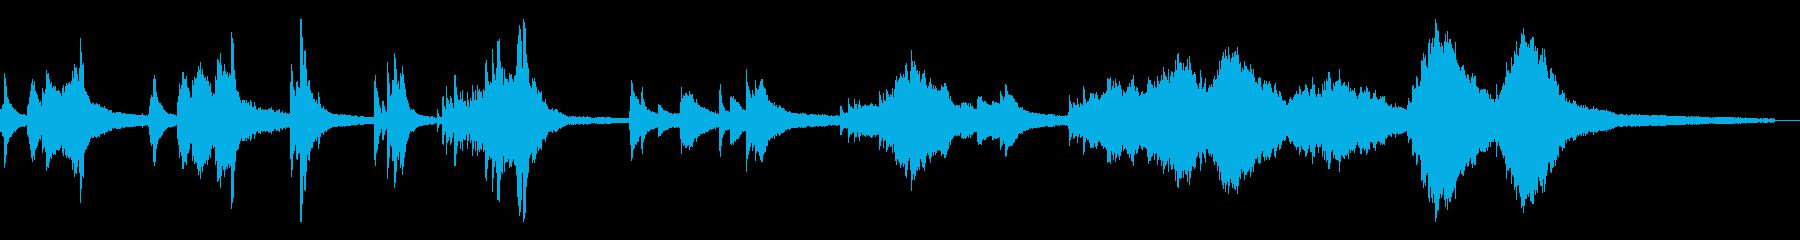 和風のしっとりした雰囲気6-ピアノソロの再生済みの波形